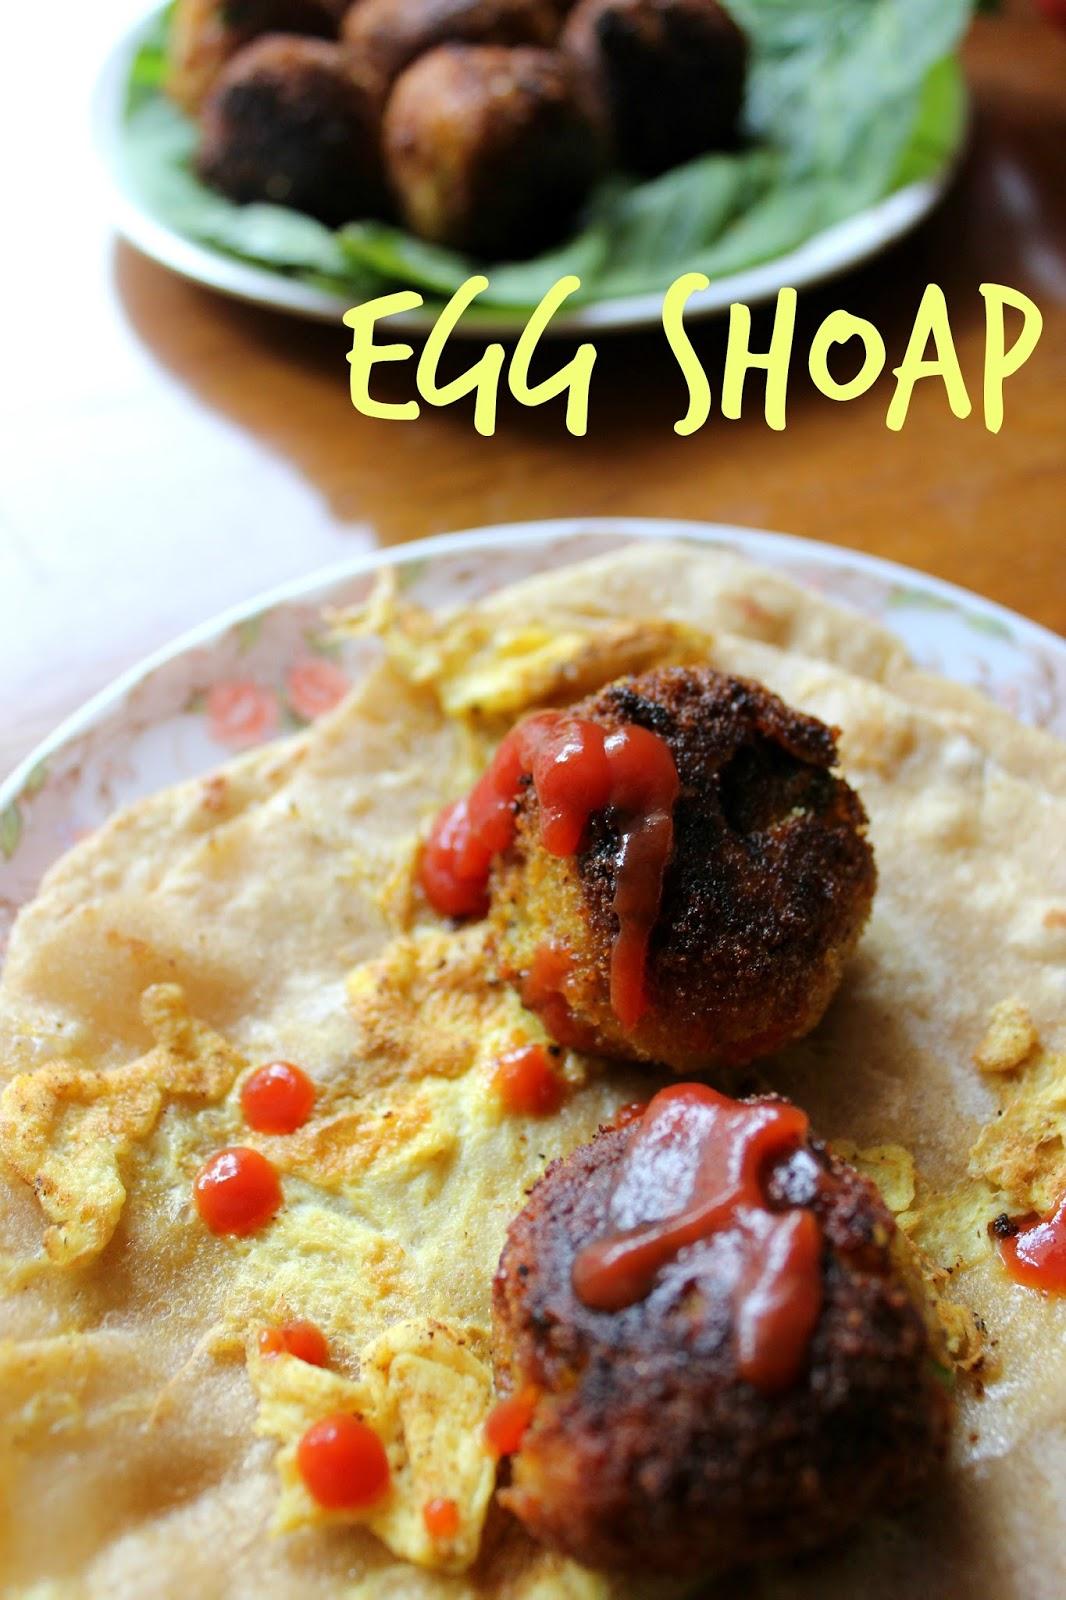 Egg shoap,nagaland egg shoap